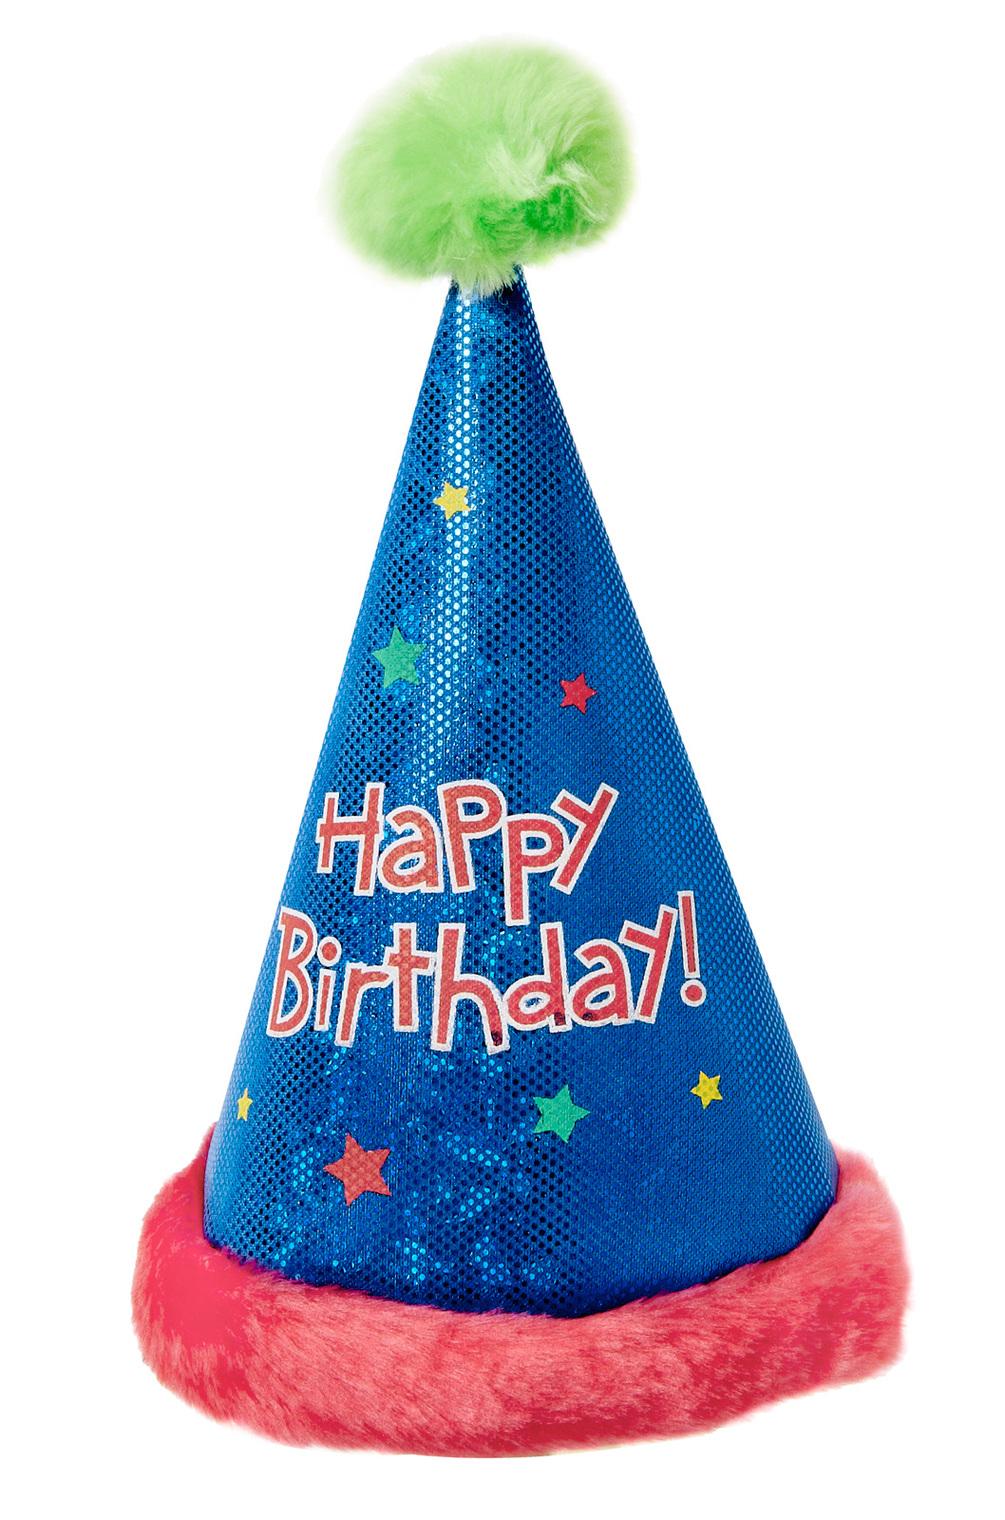 1005x1520 Pink Birthday Hat Clipartbarn